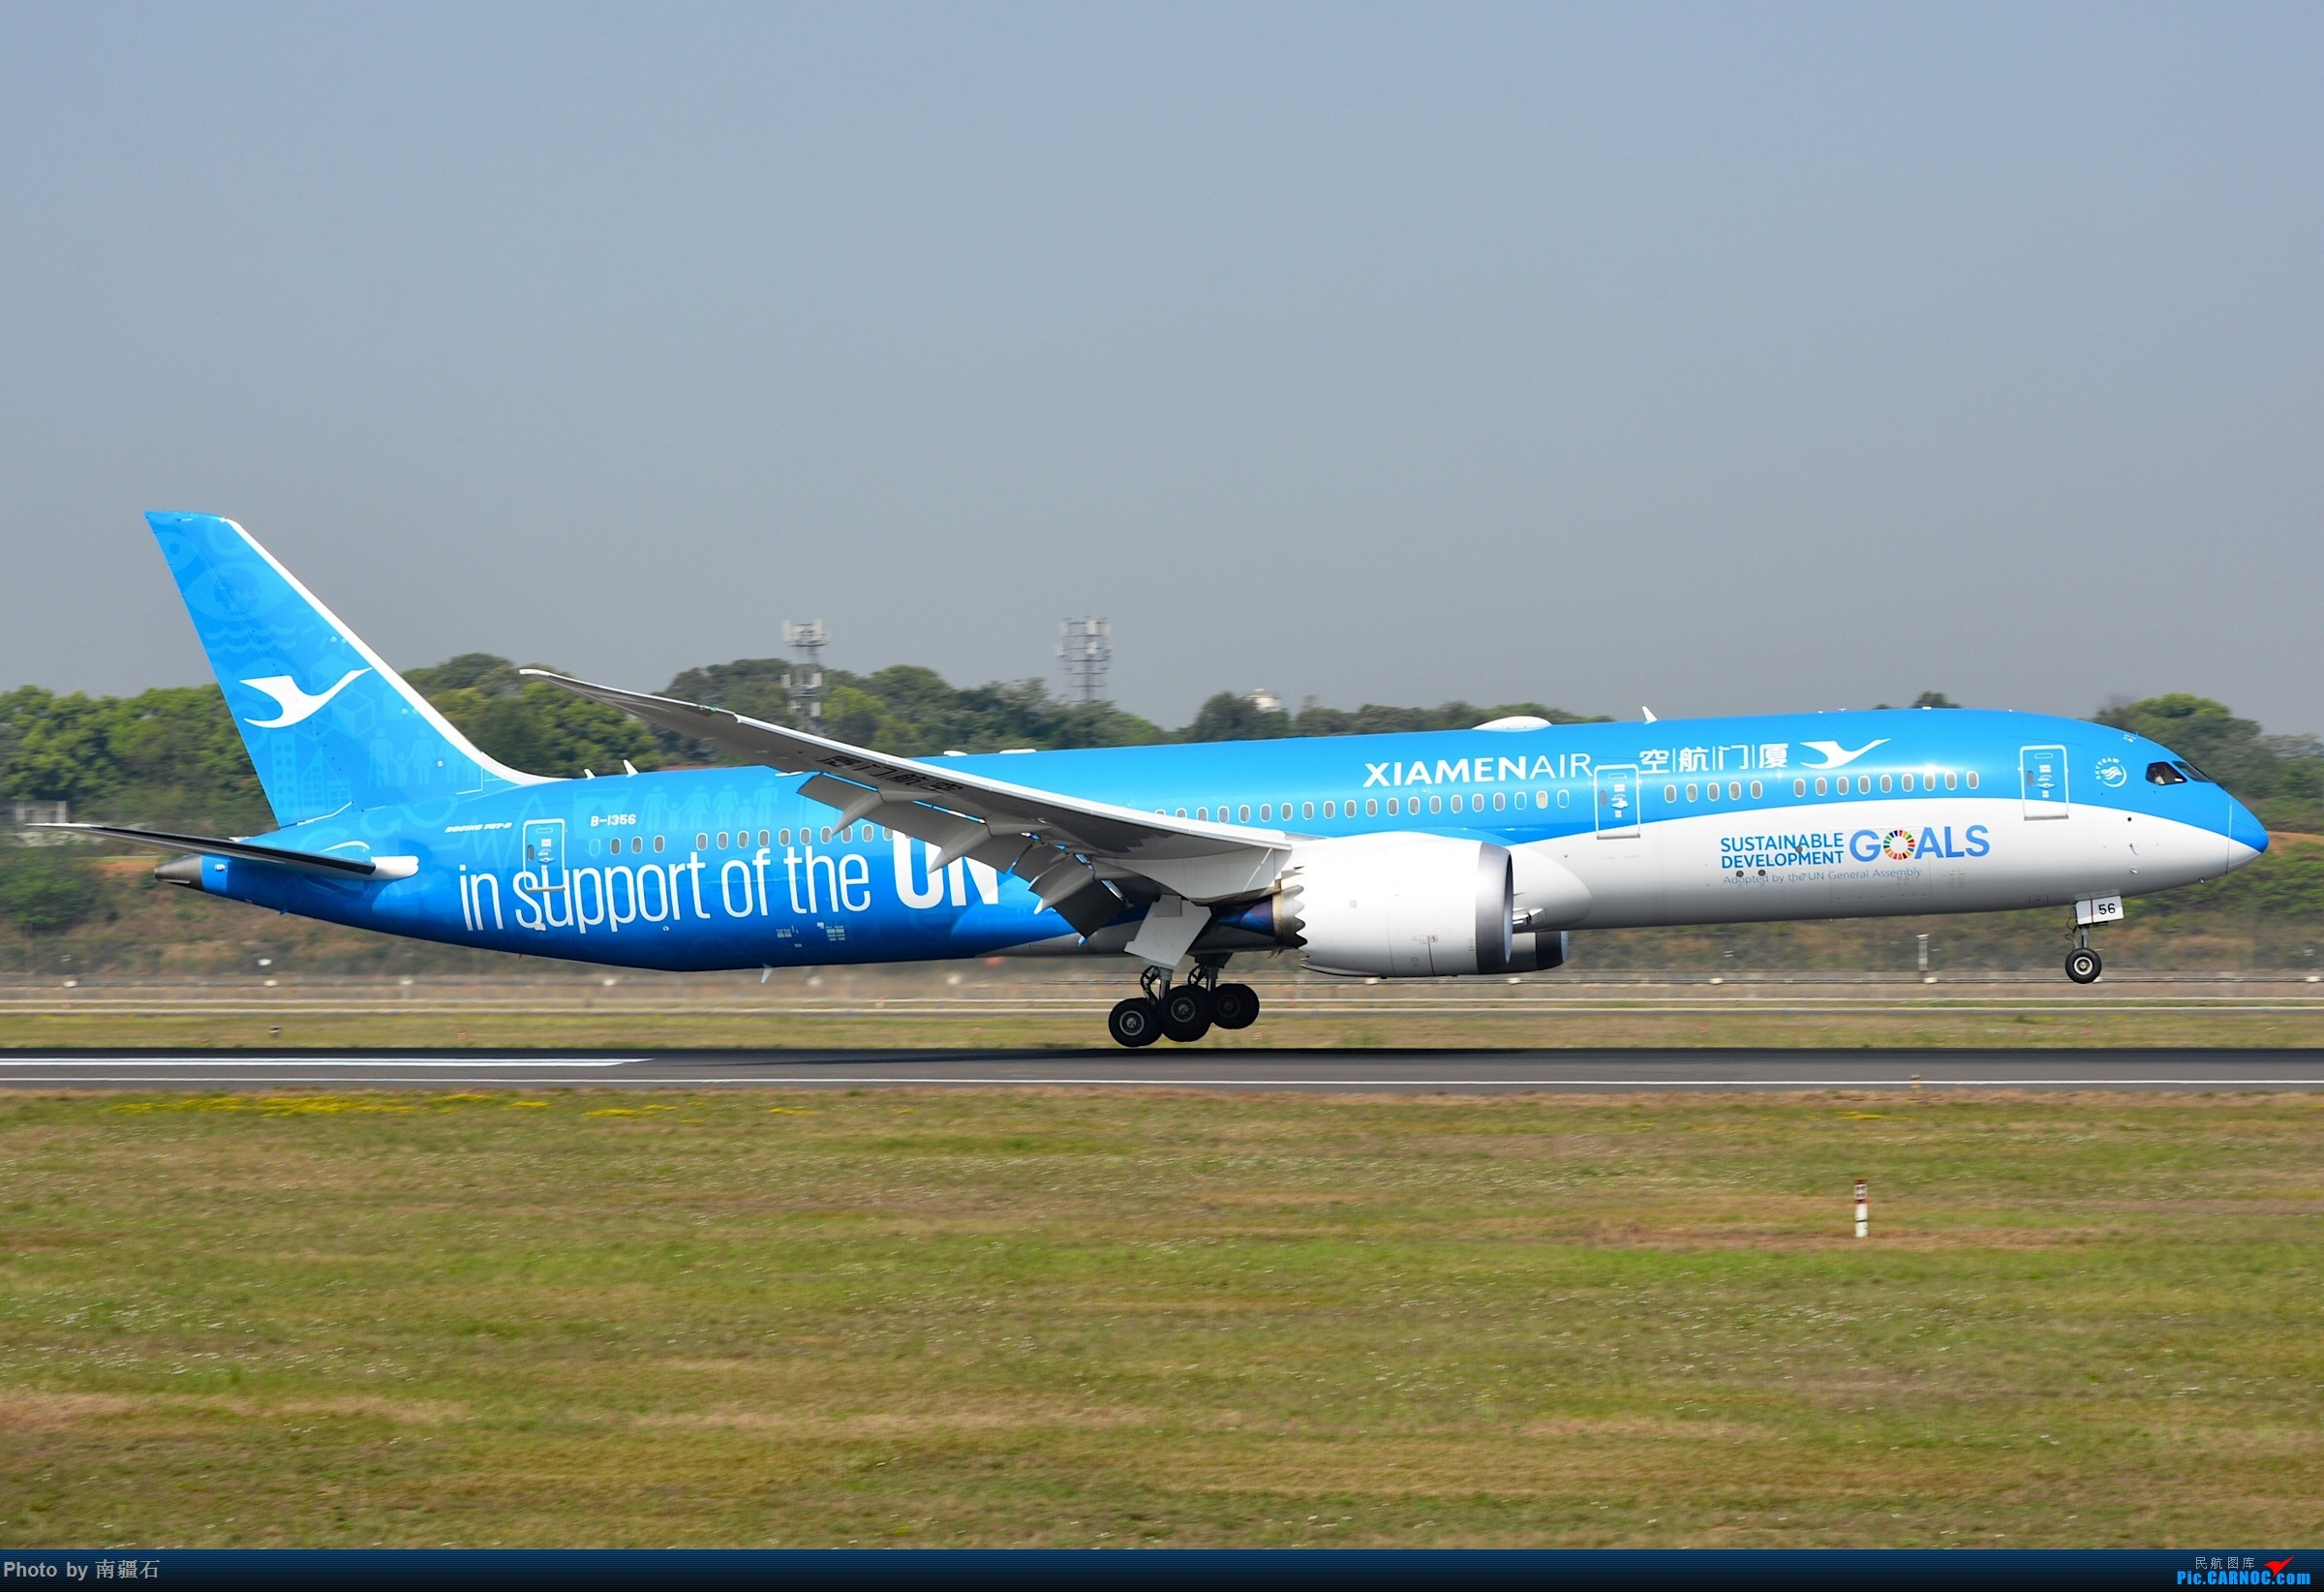 CTU 厦航UN可持续发展图标彩绘789左右两侧面 BOEING 787-9 B-1356 中国成都双流国际机场